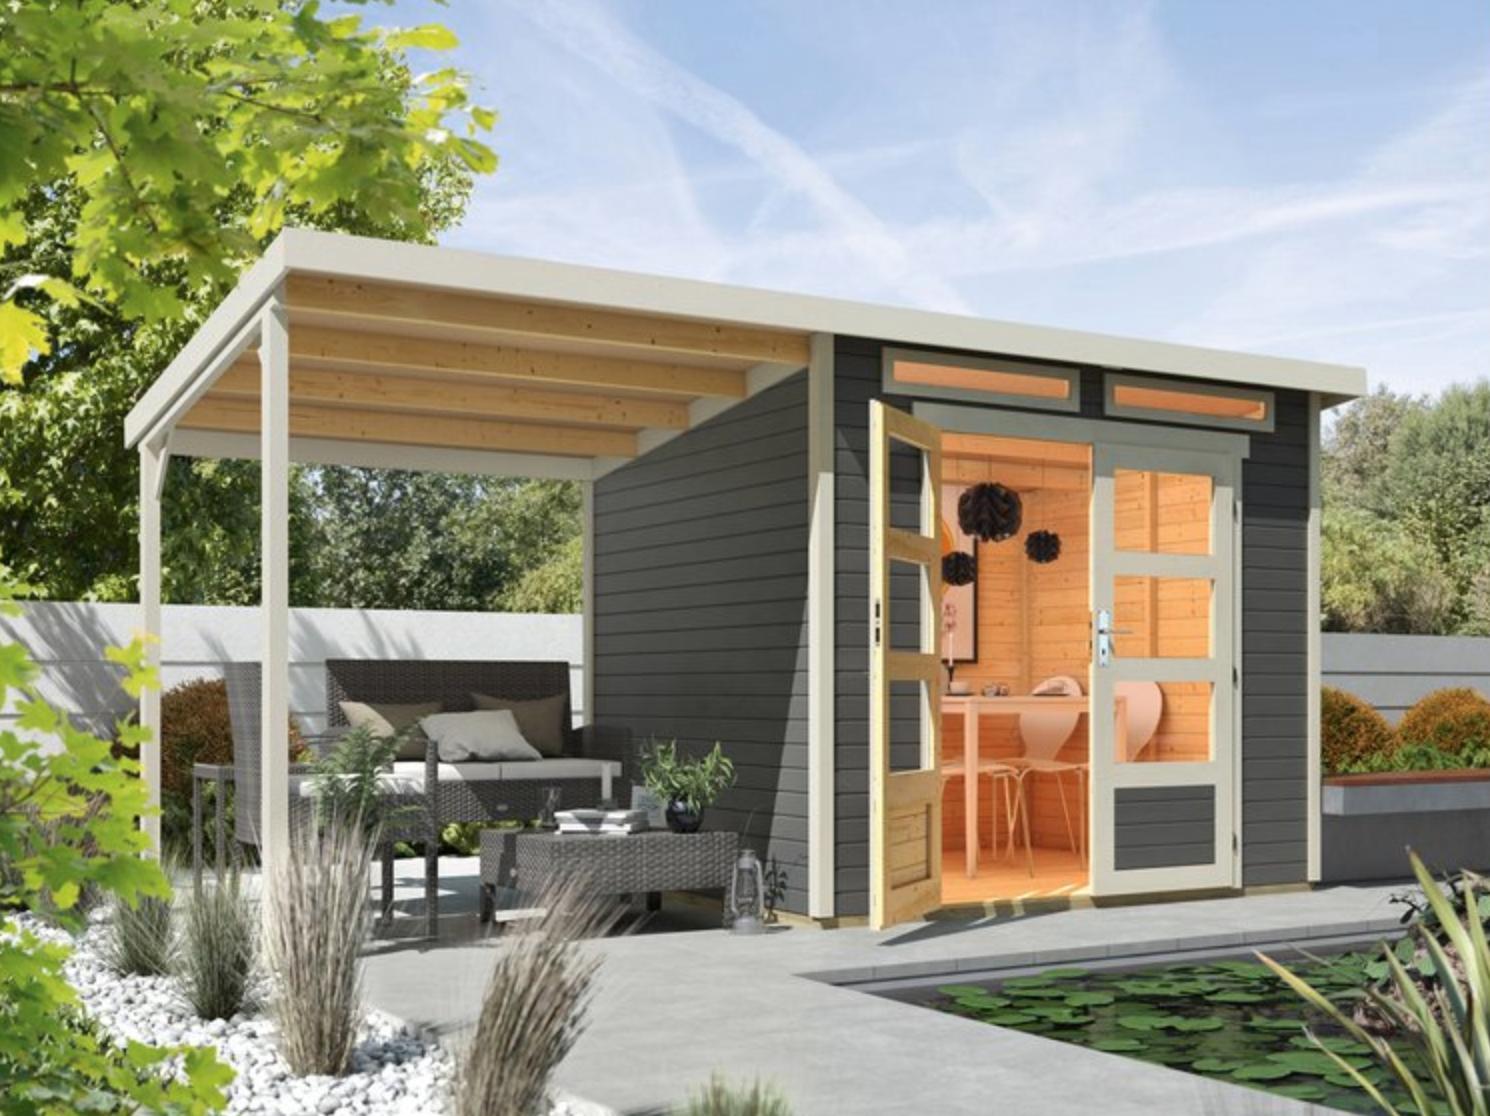 OBI online: 10% Rabatt auf ausgewählte Gartenhäuser - z.B. Wolff Finnhaus Holz-Gartenhaus Venlo Grau 426 cm x 213 cm davon 188 cm Anbaudach